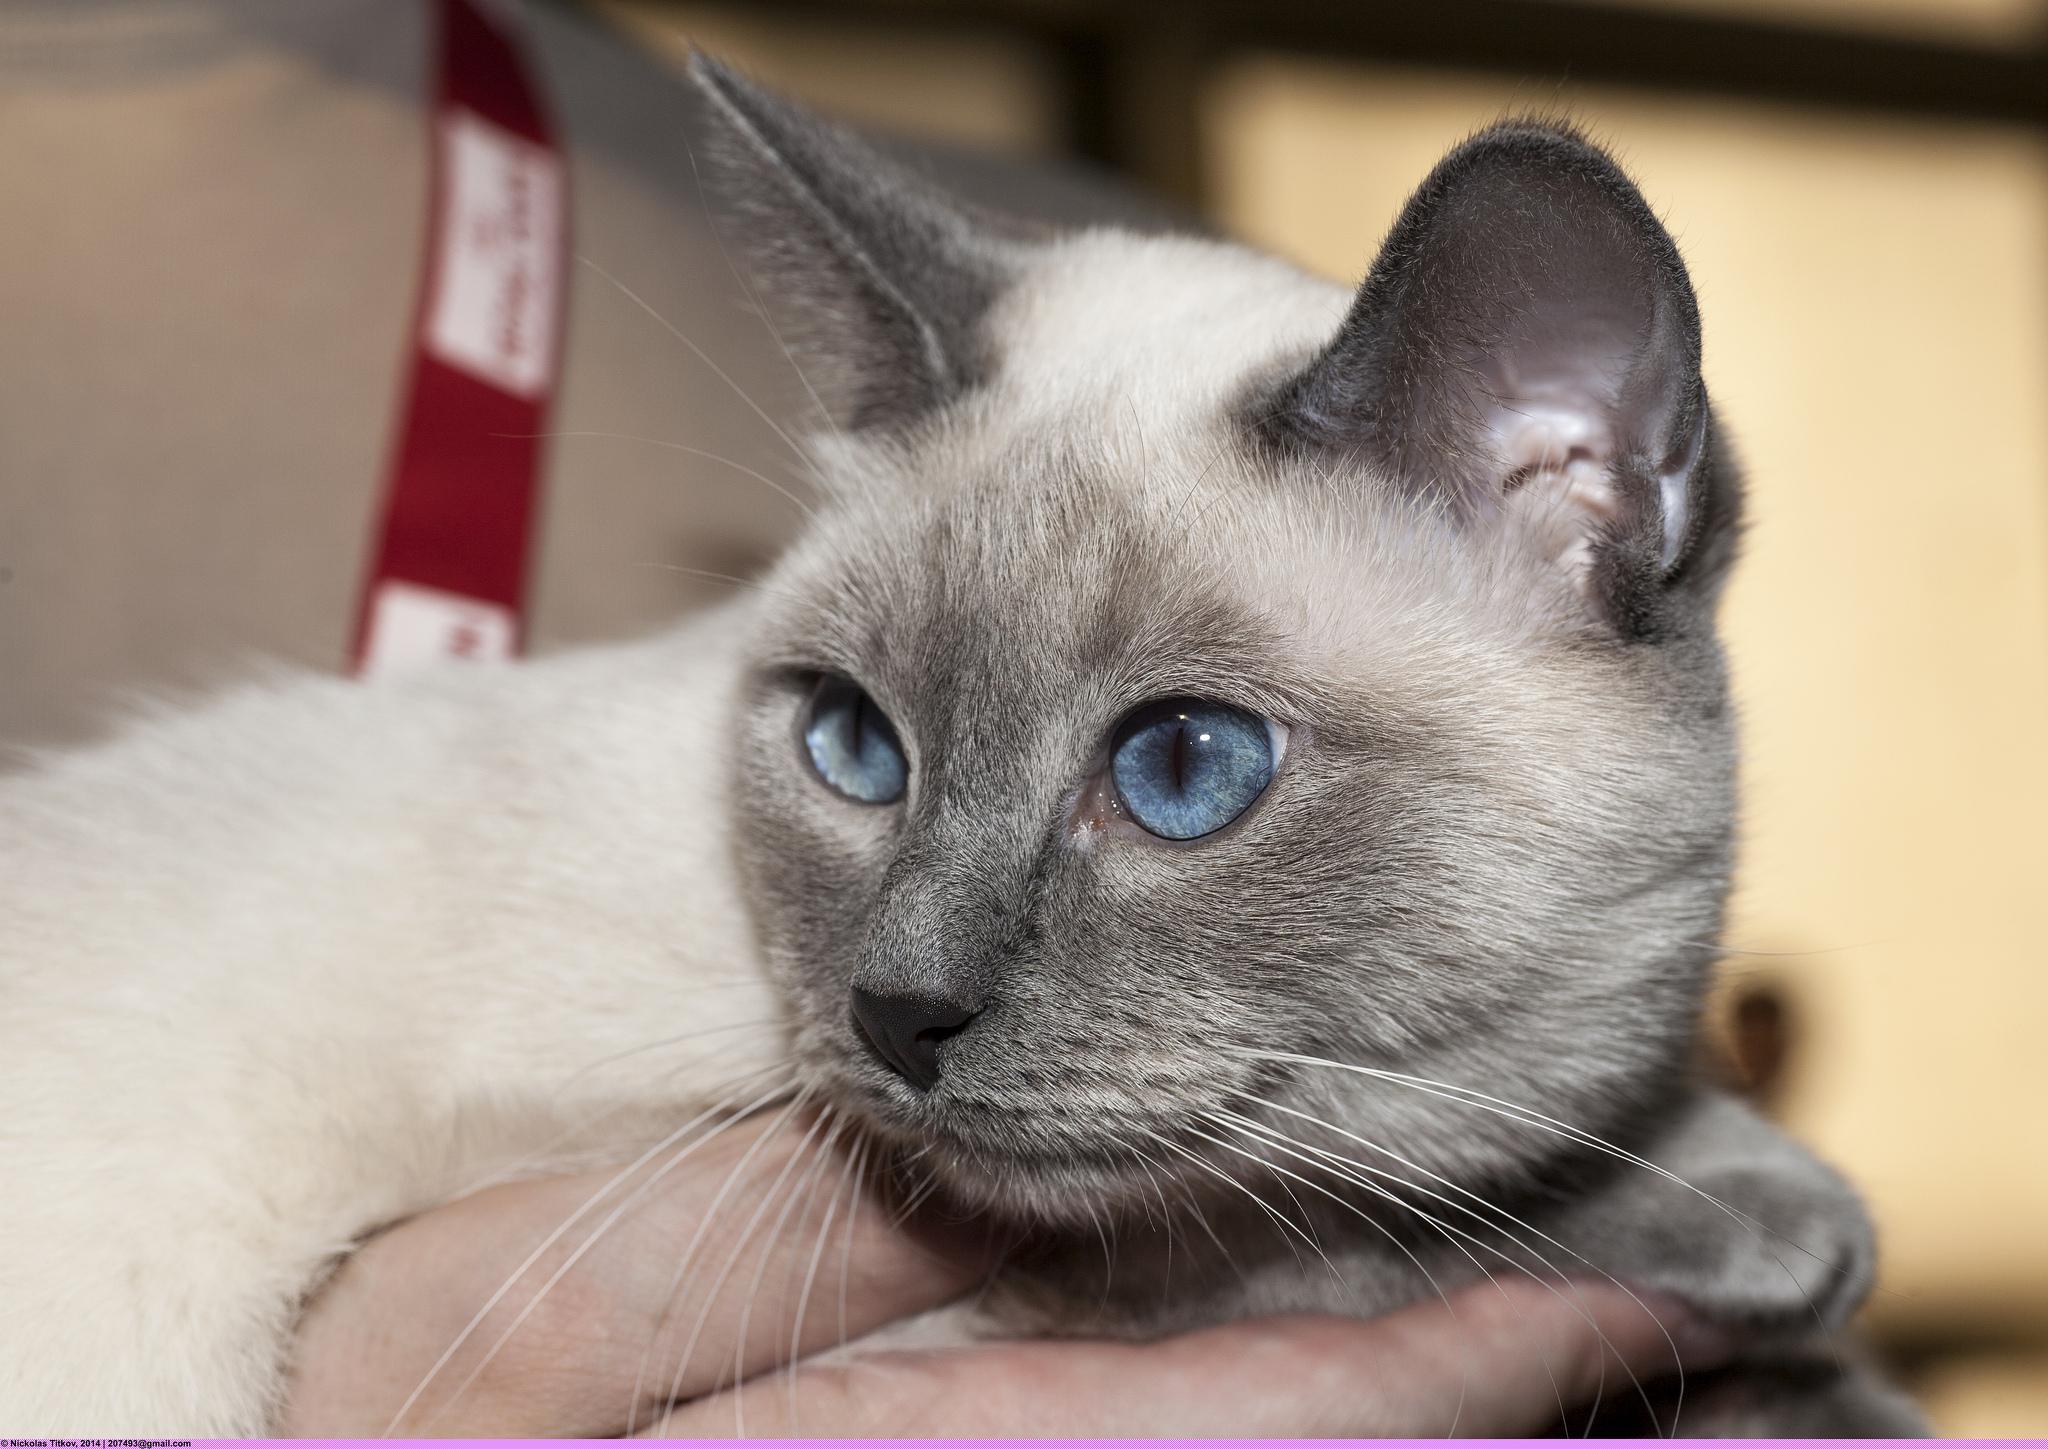 Красивые картинки кошек и собак 35 фото  Прикольные